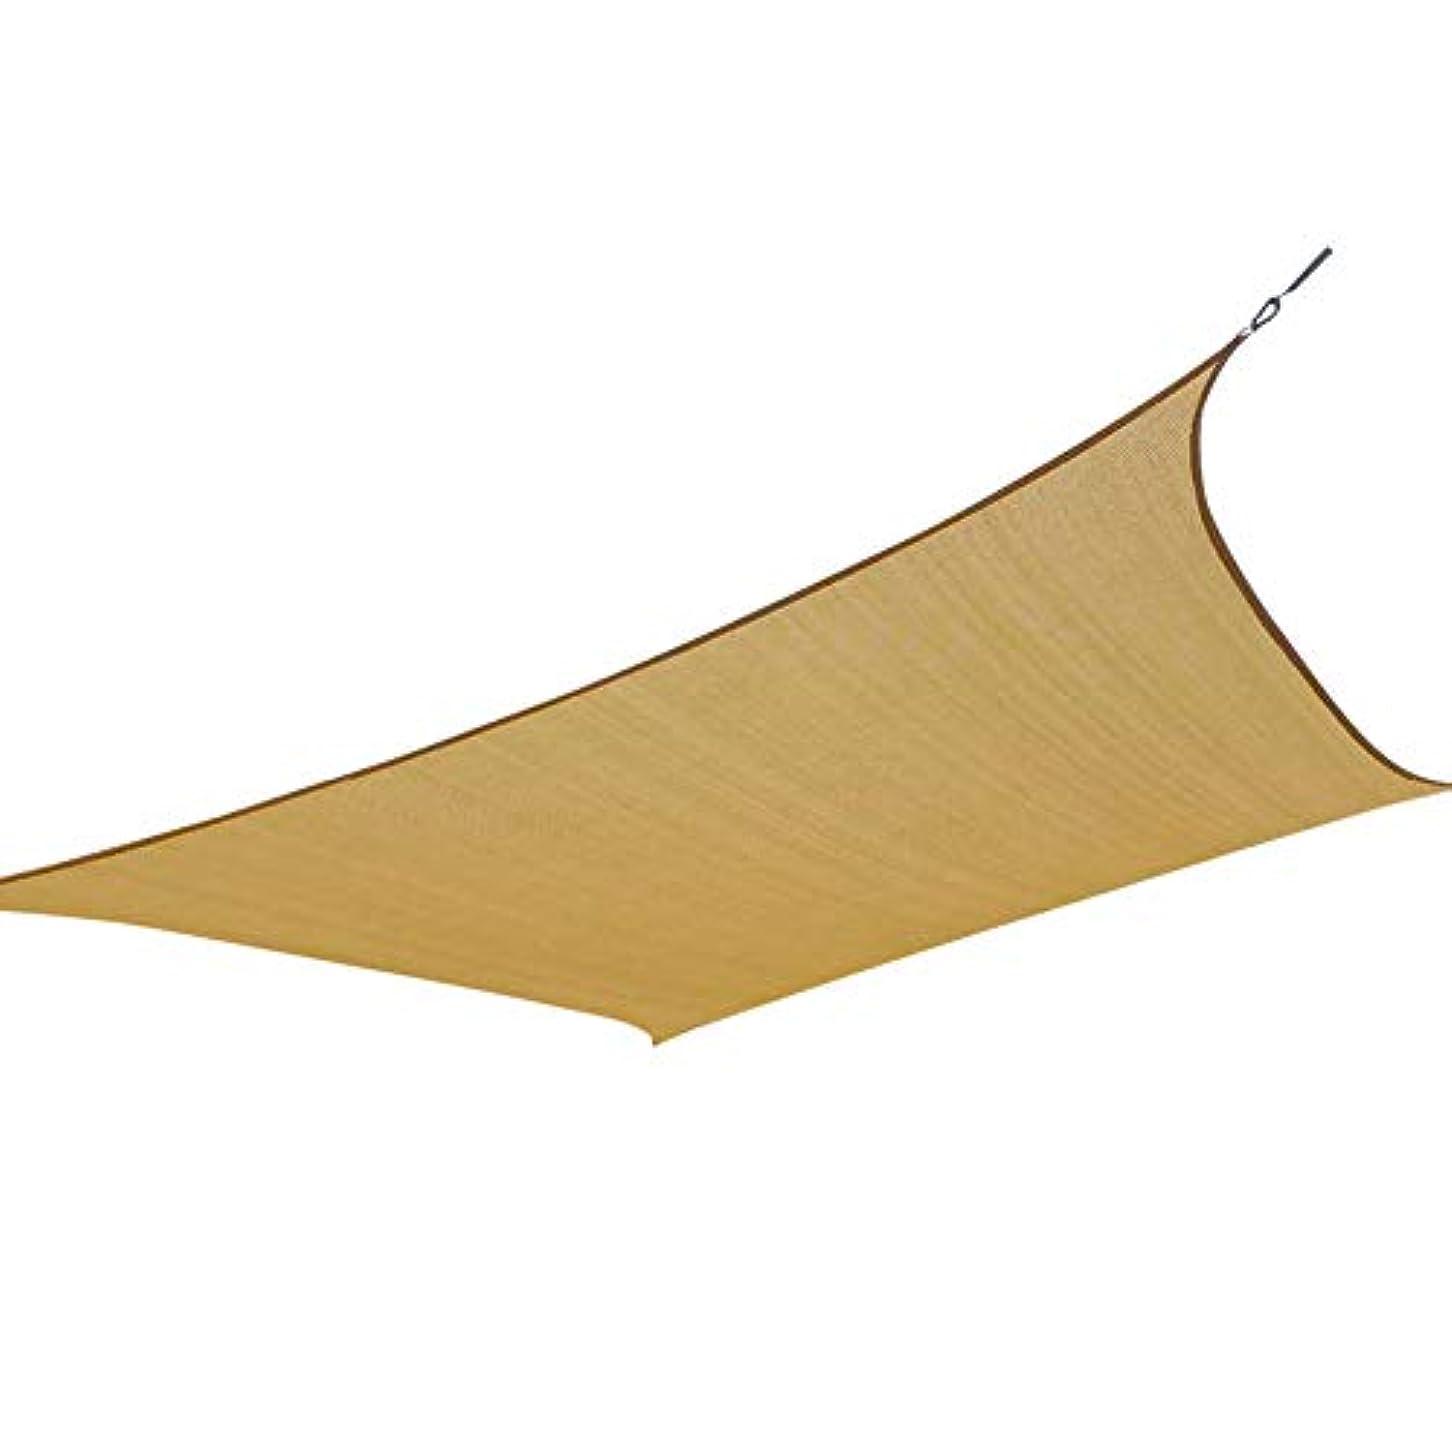 採用リーチ令状Happysource 3×4メートル/ 4×4メートル紫外線保護70%防水オックスフォード布屋外日焼け止め日焼け止めネット